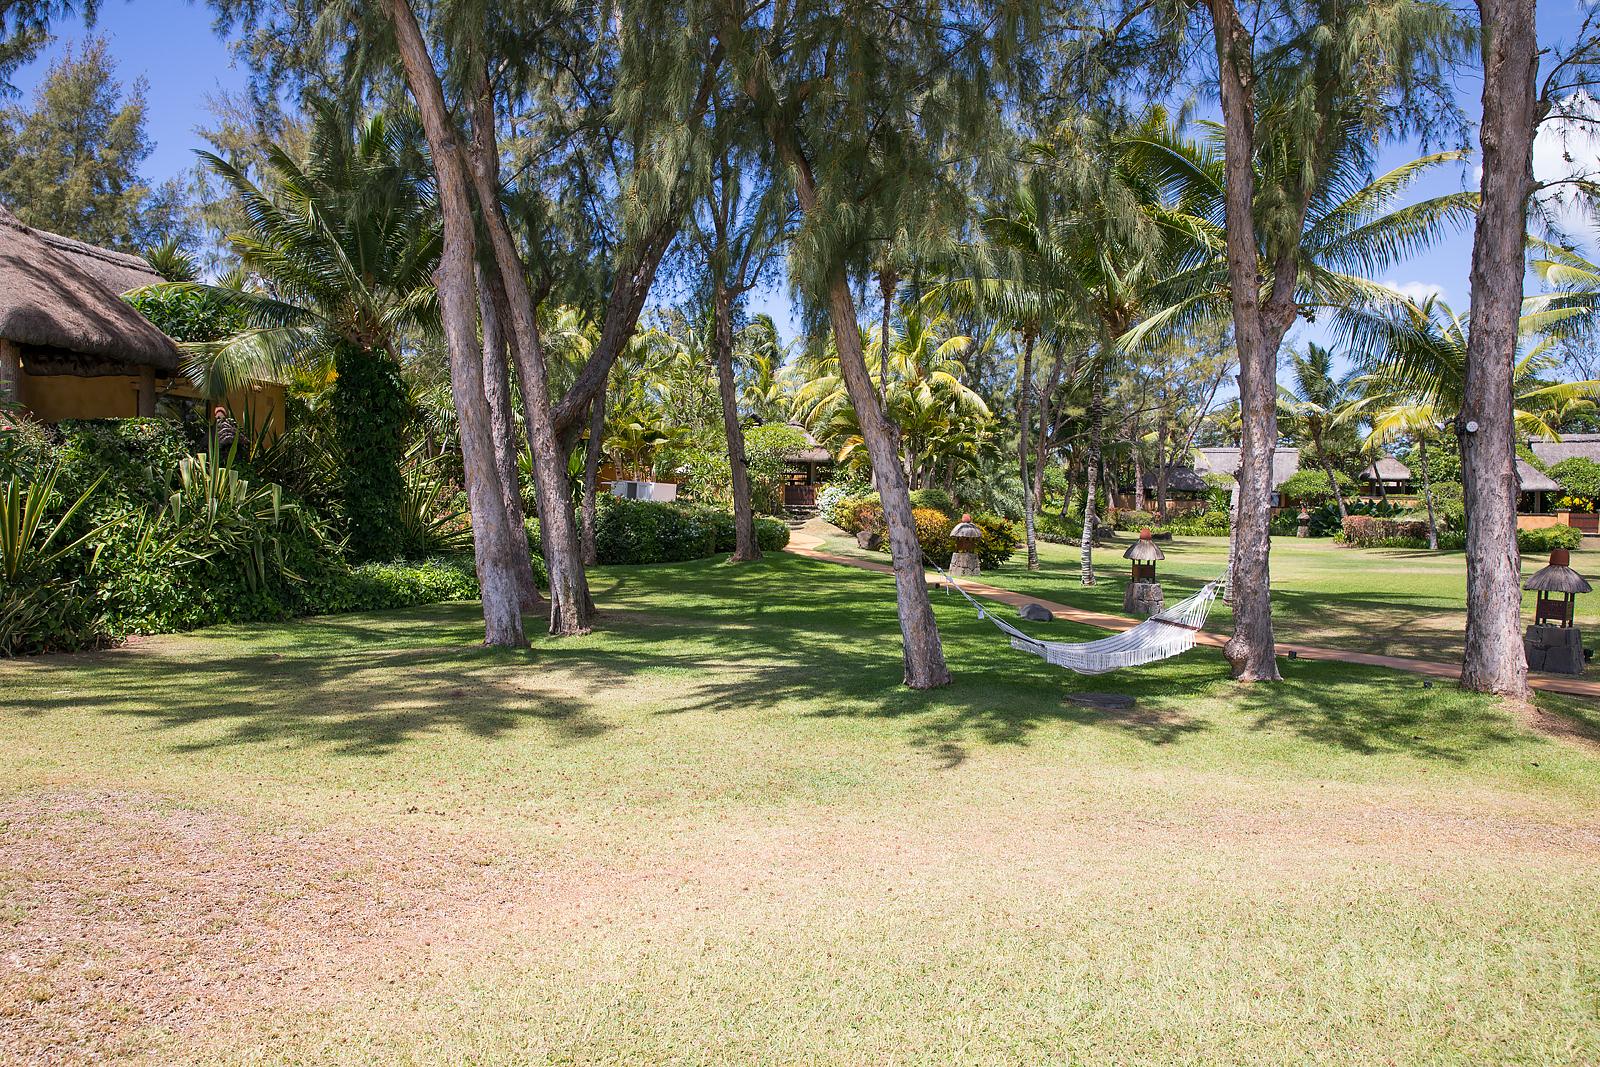 mauritius-le-meridien-photos-91